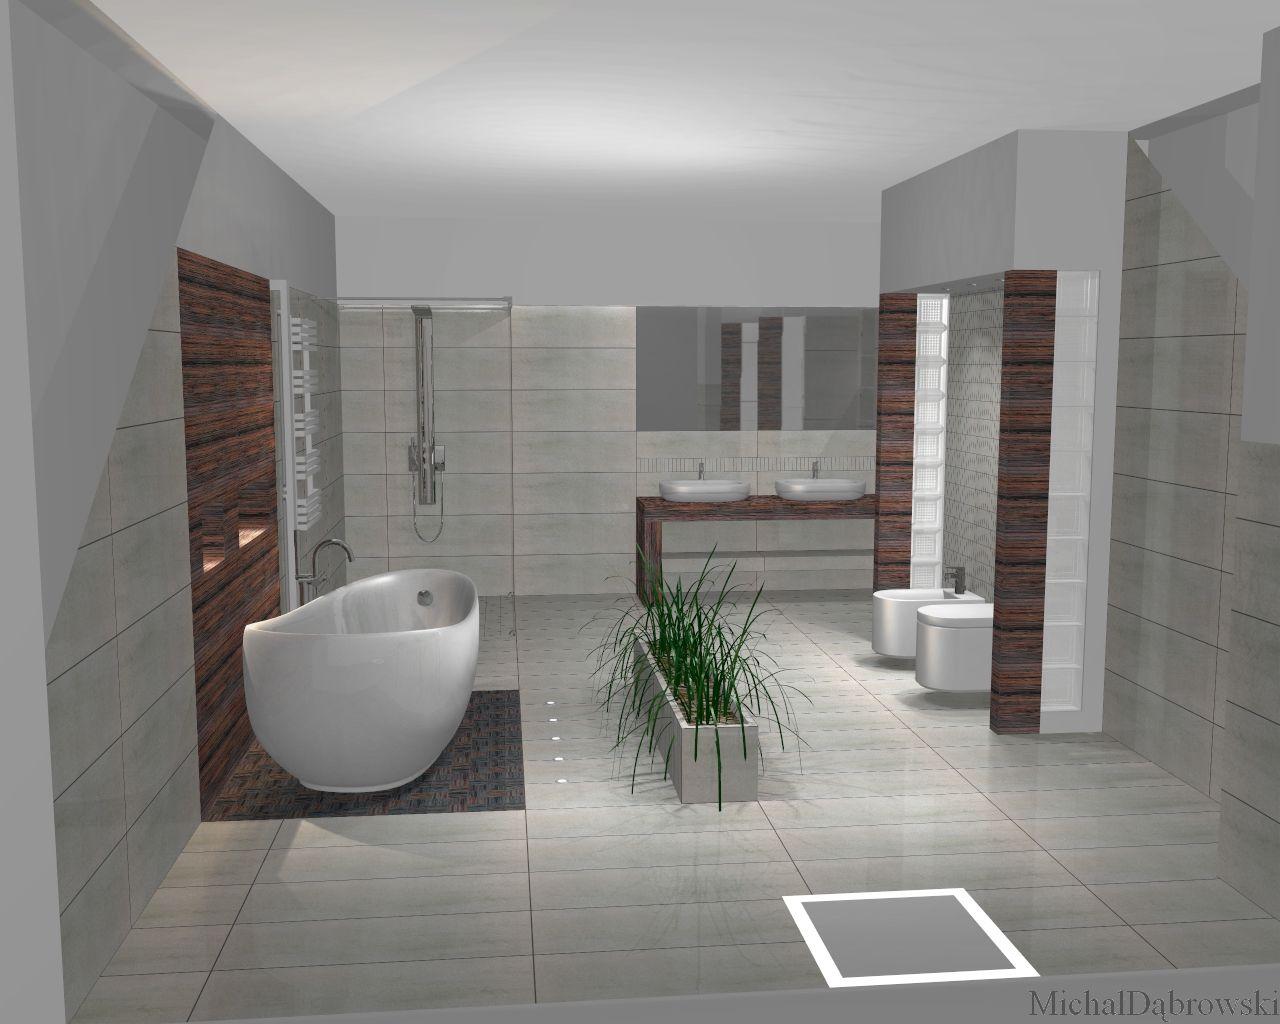 łazienki Kamgres Łódź